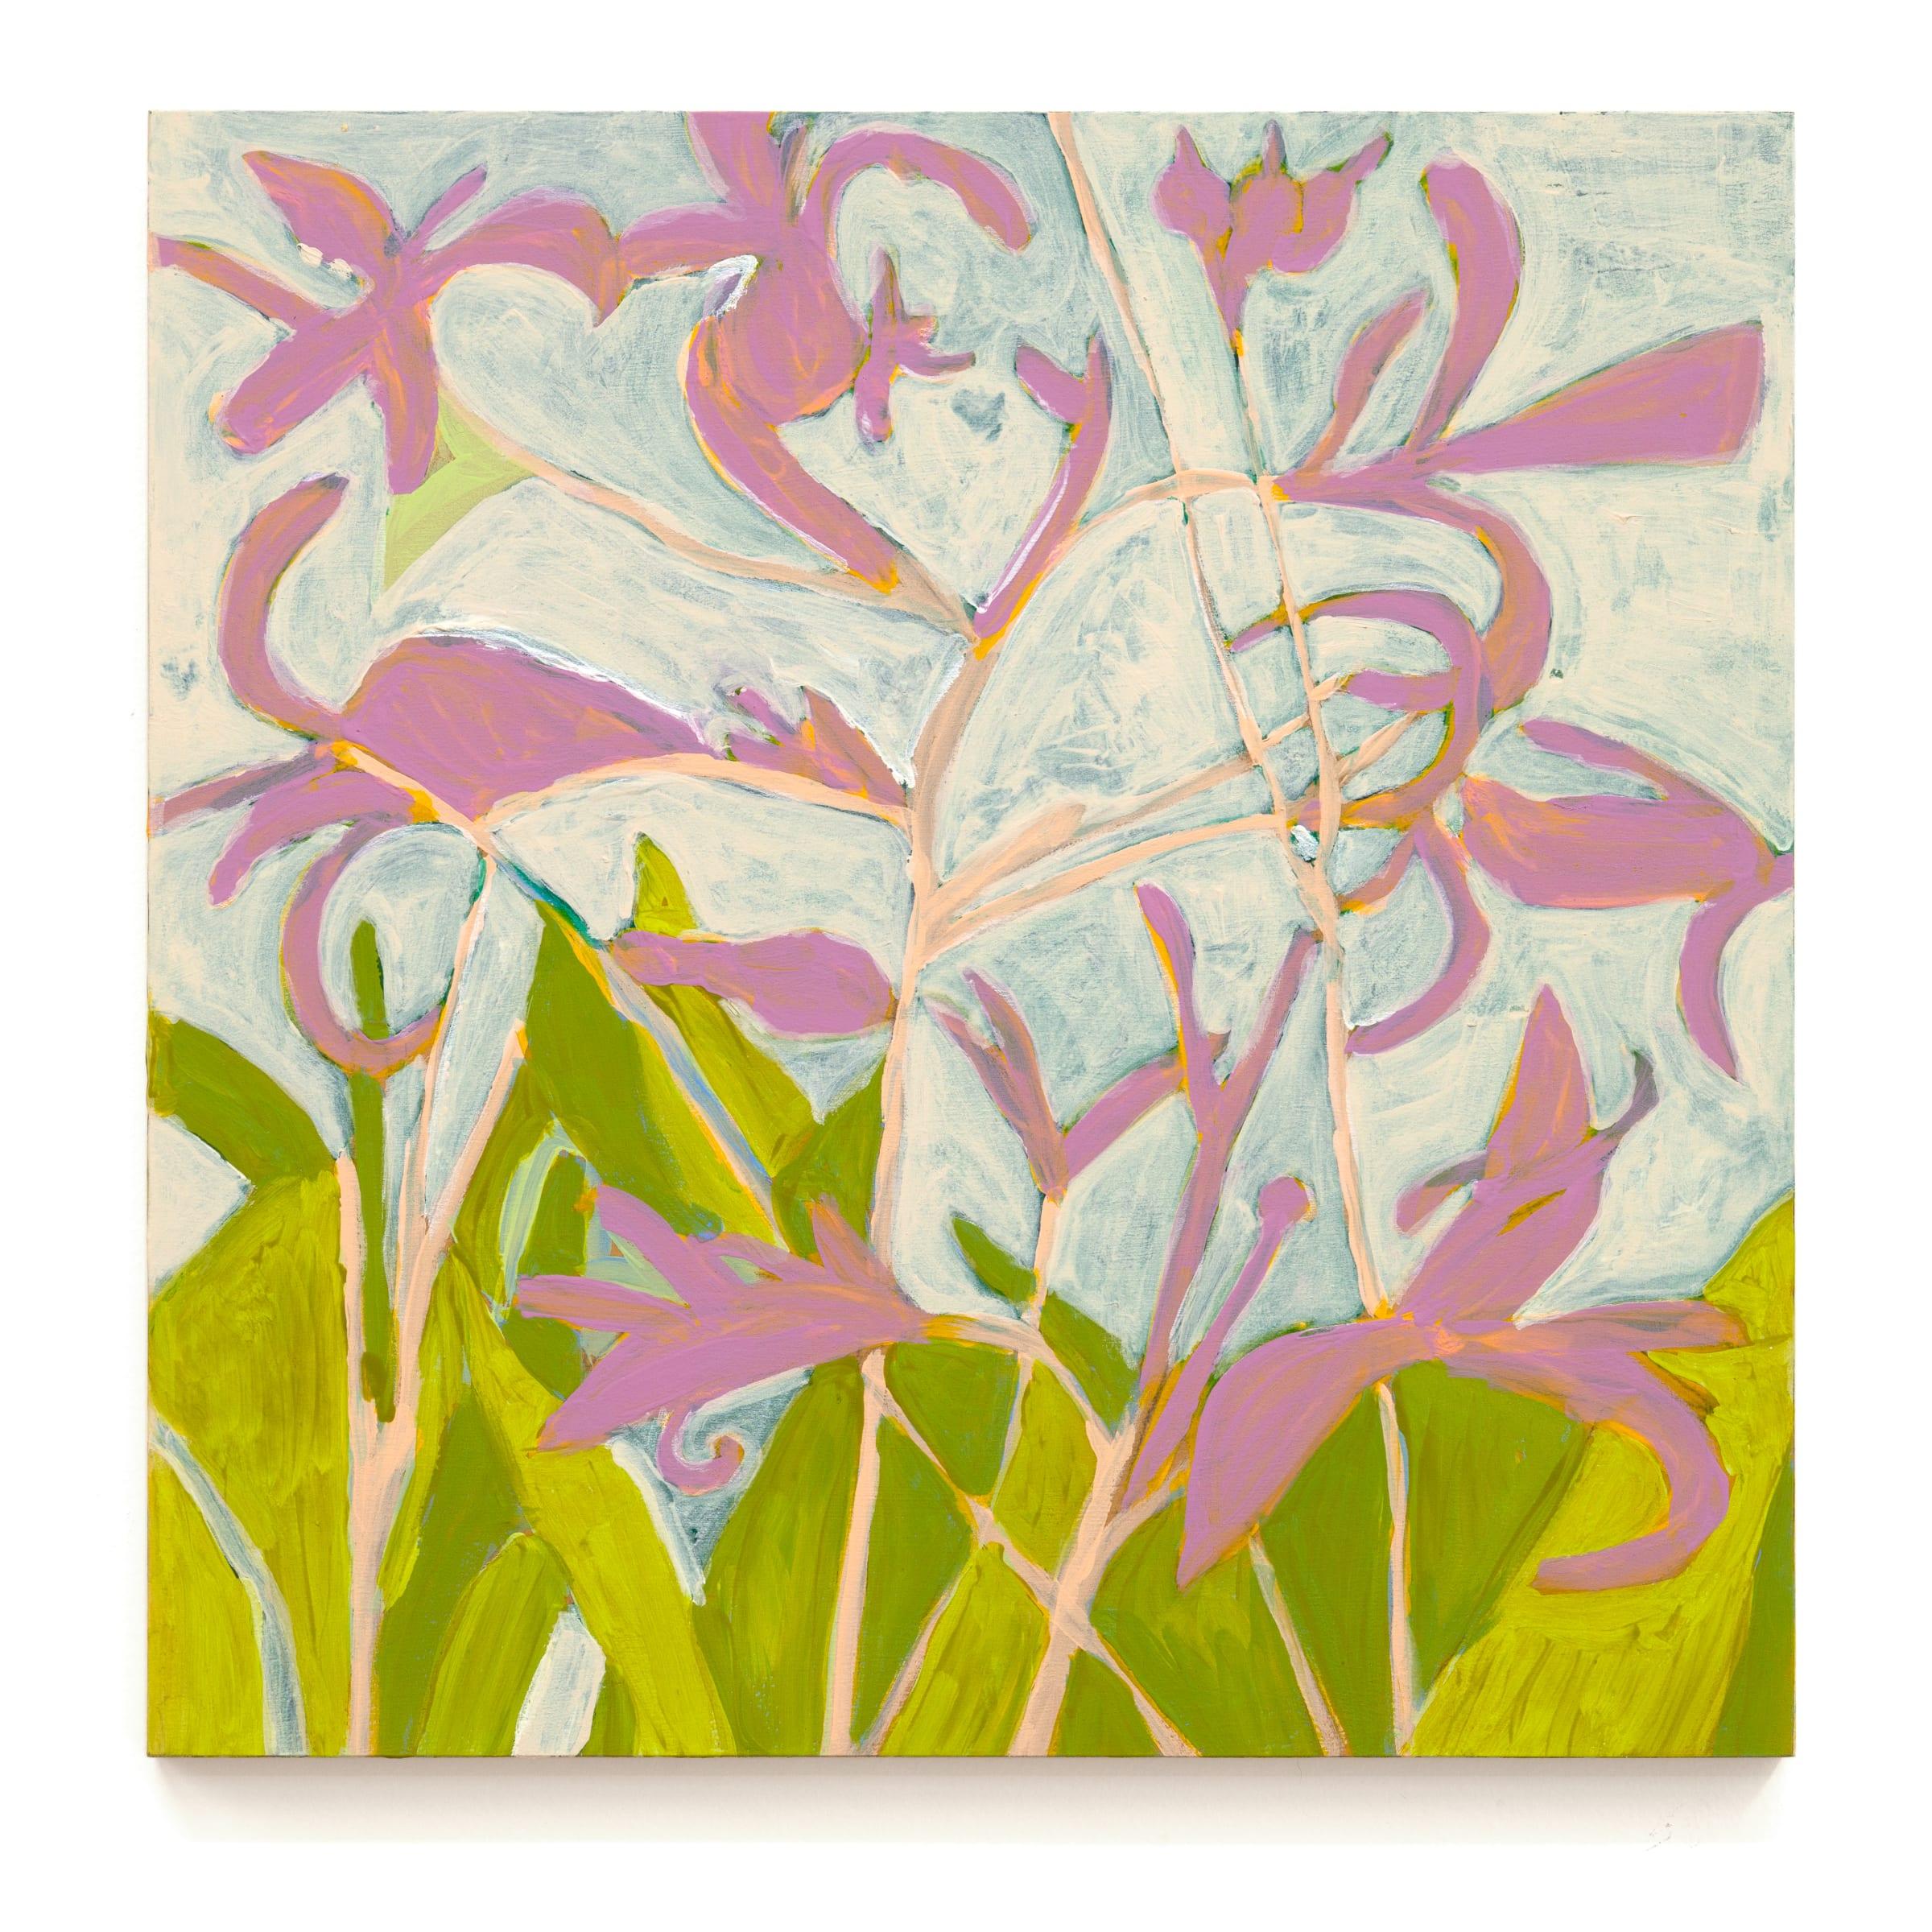 """<span class=""""link fancybox-details-link""""><a href=""""/artists/379-negin-dastgheib/works/8567-negin-dastgheib-butterflies-2020/"""">View Detail Page</a></span>Negin Dastgheib   Butterflies, 2020   Acrylic on board   300mm x 300mm"""